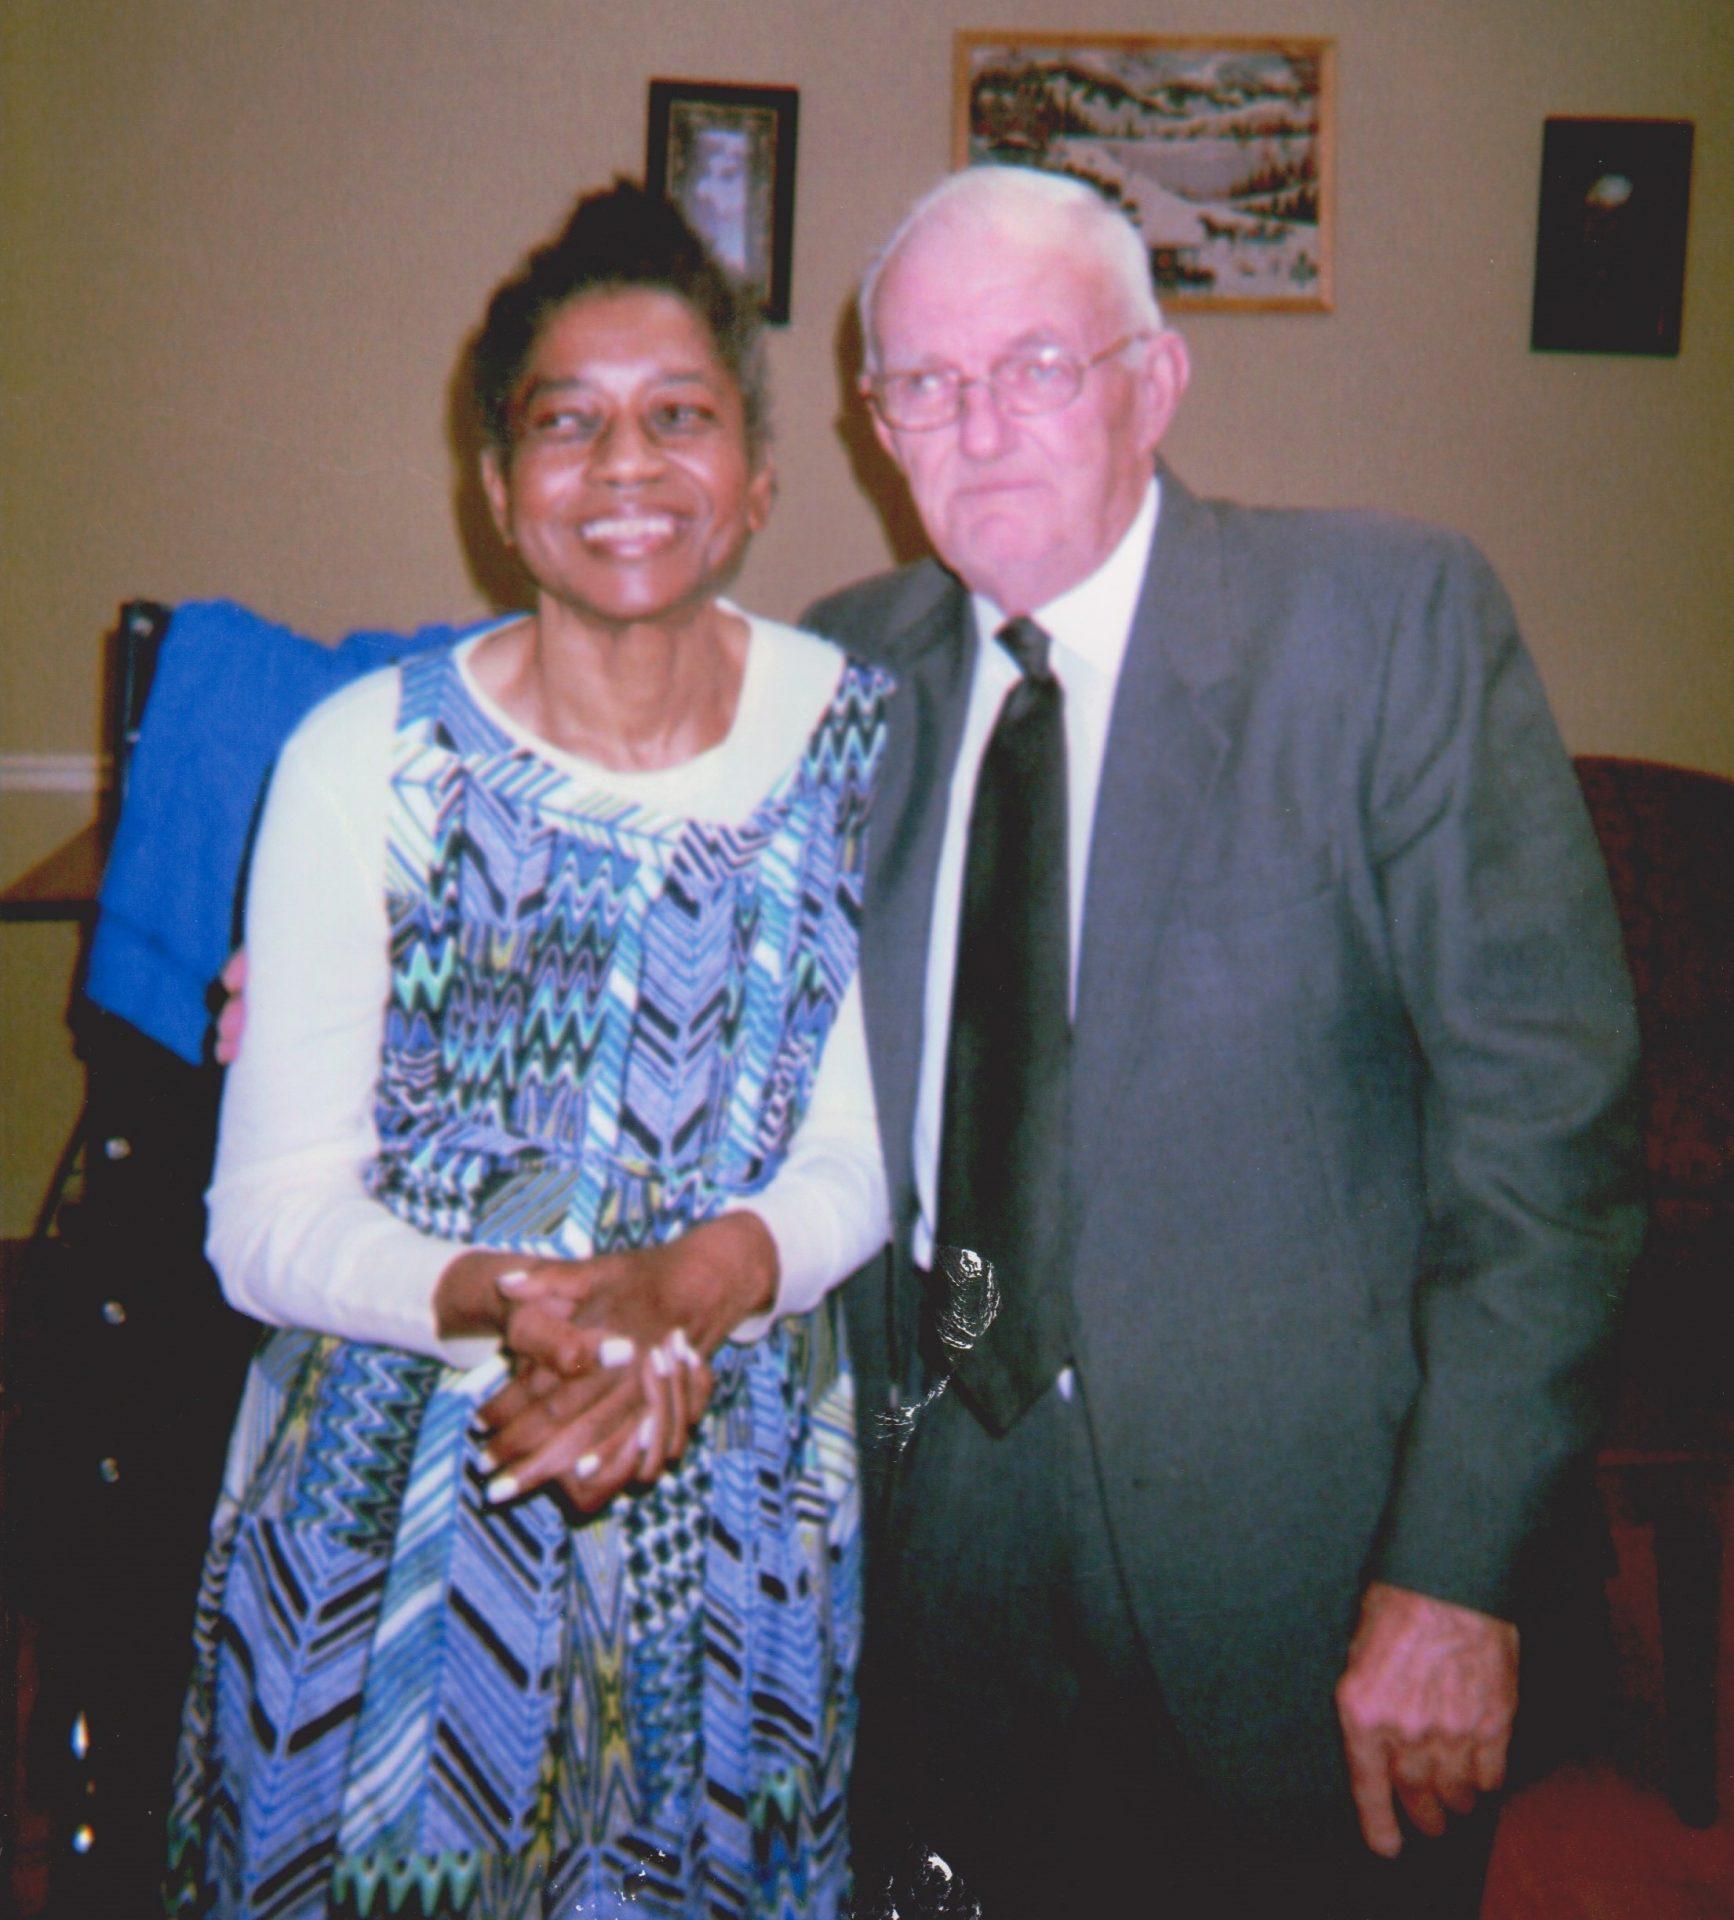 Rethea and John Kearney